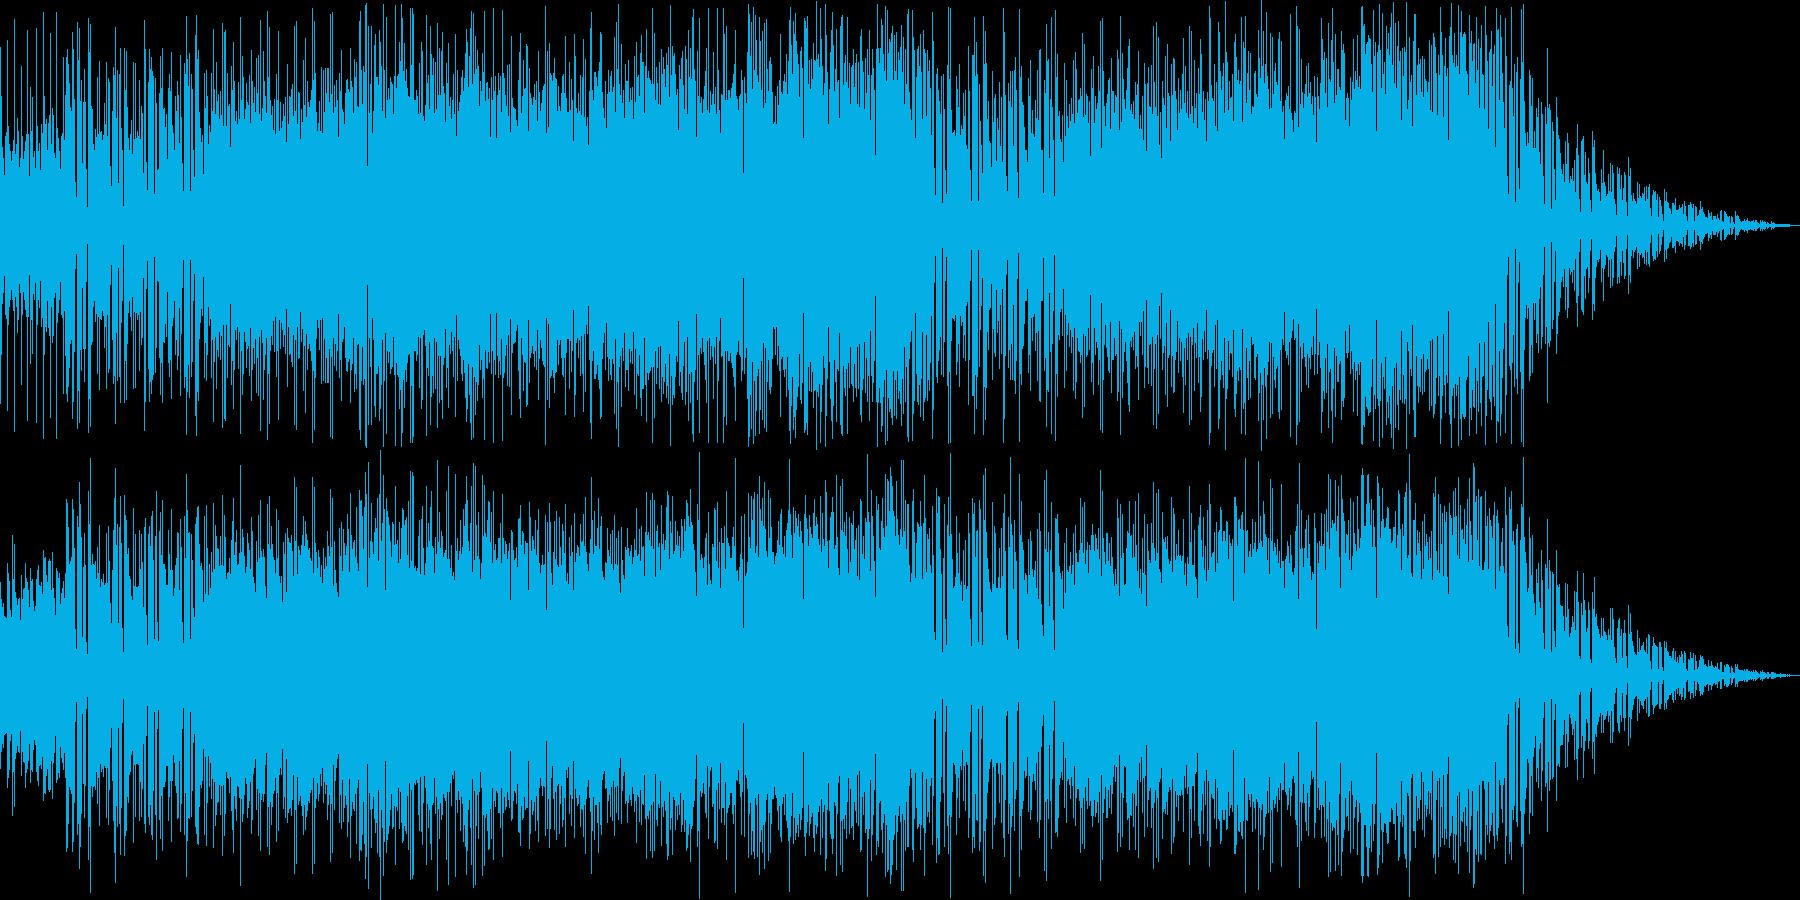 ポップで優しいインフォメーション曲の再生済みの波形